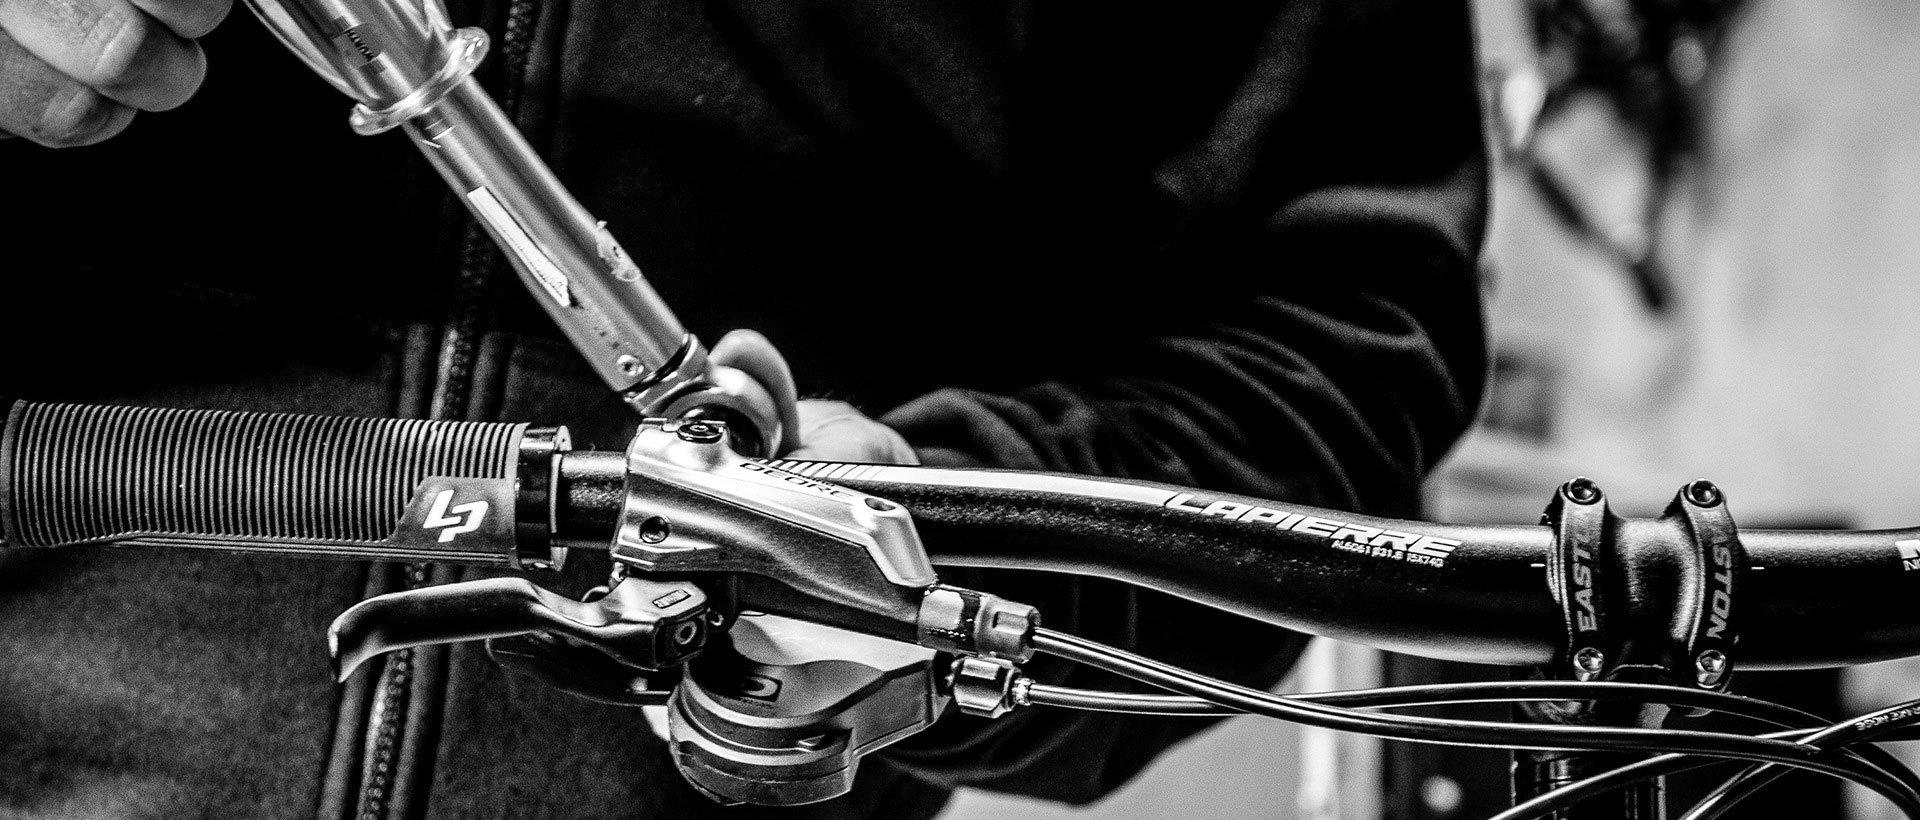 Brival Cycles réparation vélos Corrèze